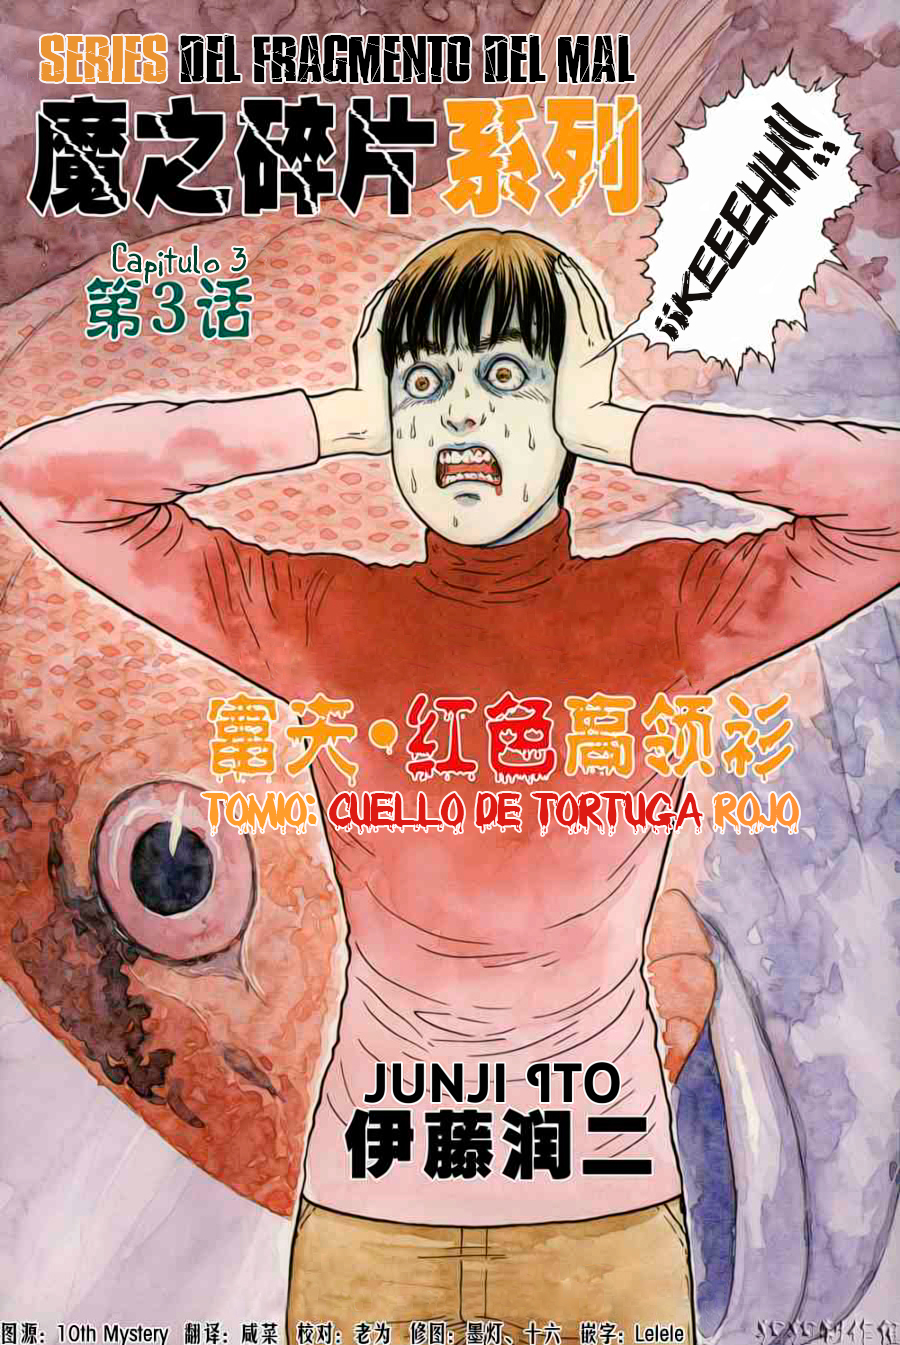 https://c5.mangatag.com/es_manga/55/14519/387926/f2edda70619a2872253126cdb03b6048.jpg Page 4